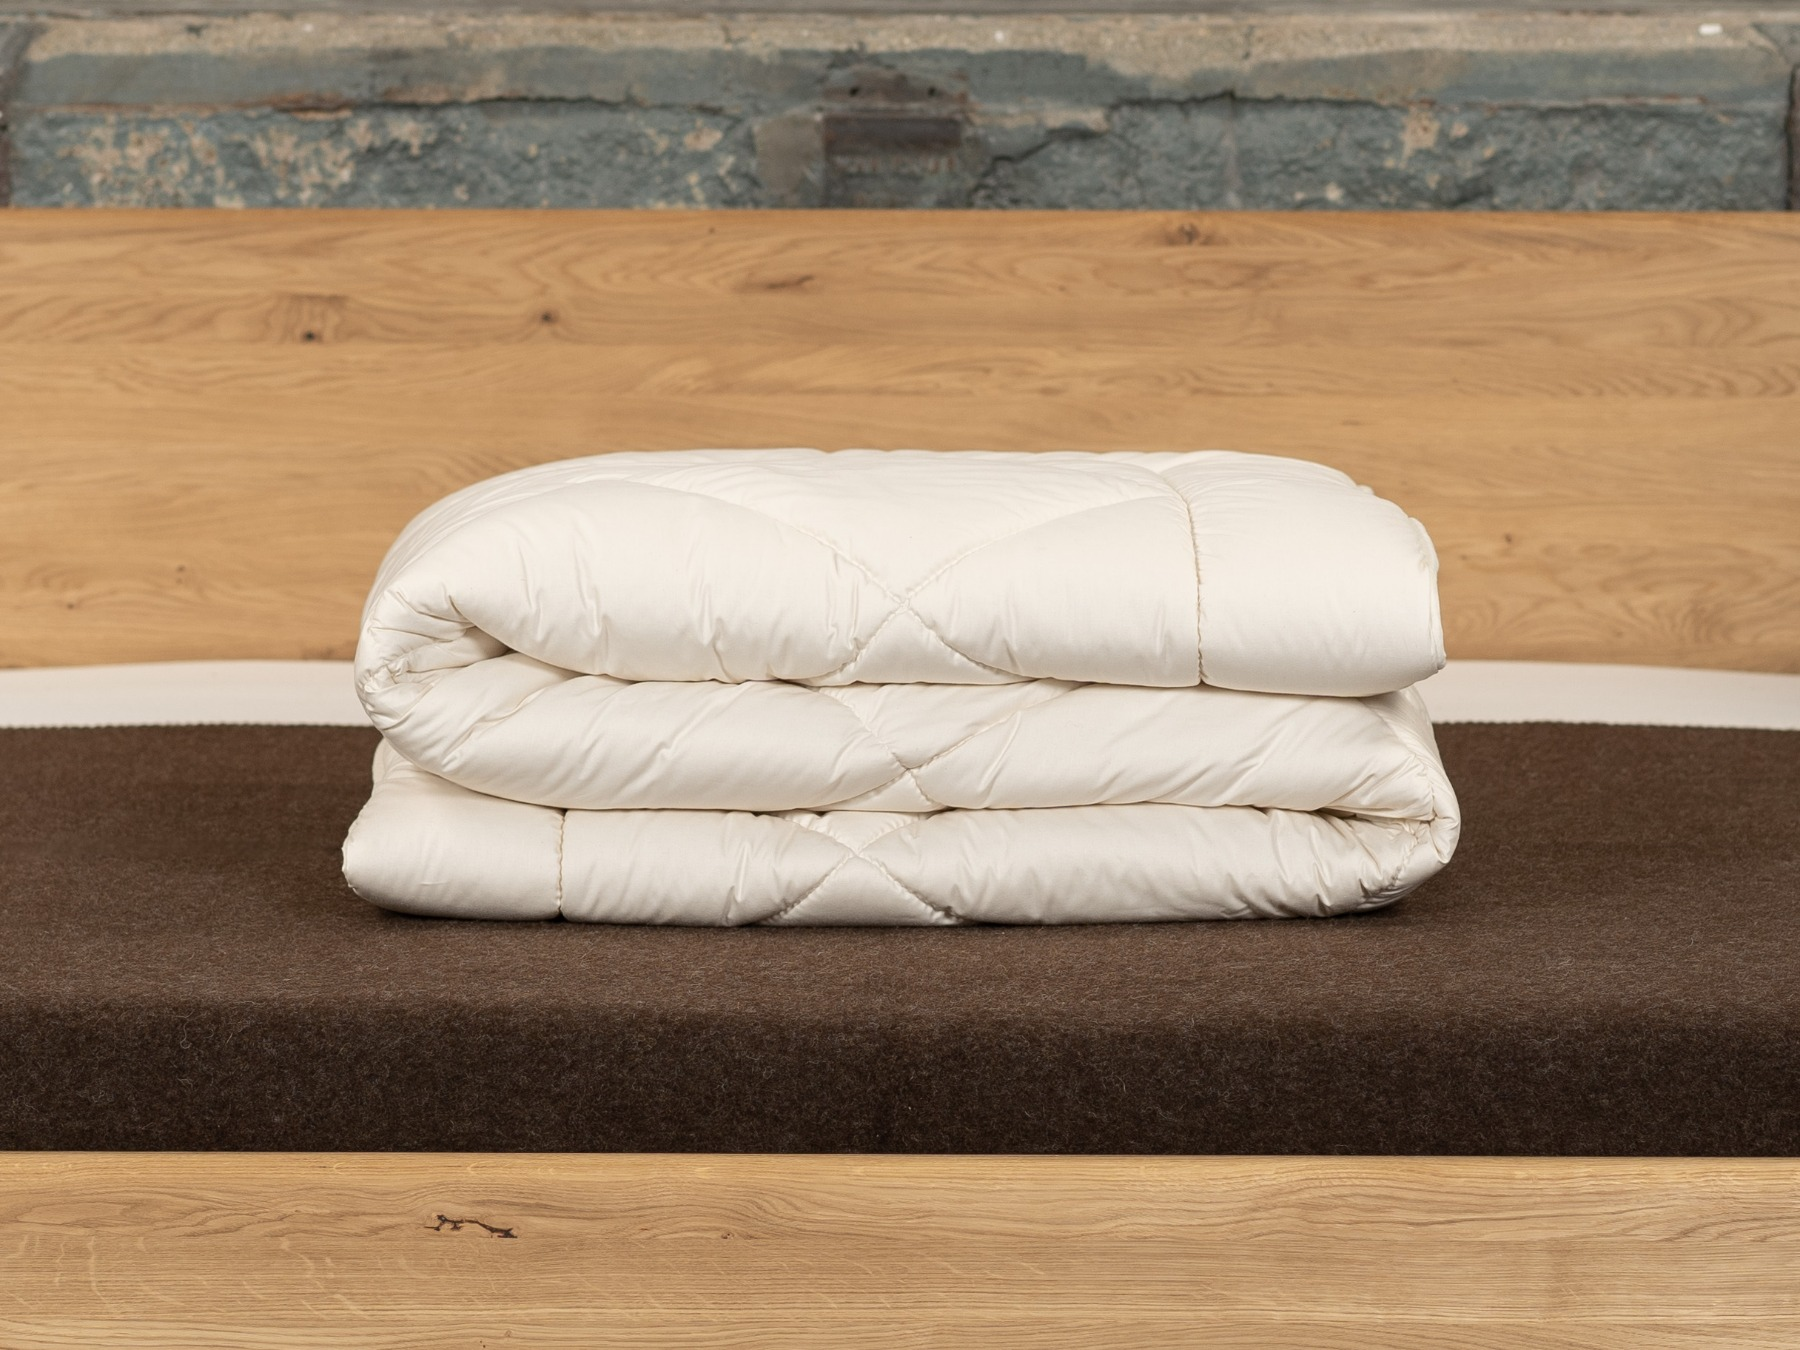 Für die kalte Jahreszeit: 2 leichte Decken miteinander versteppt.